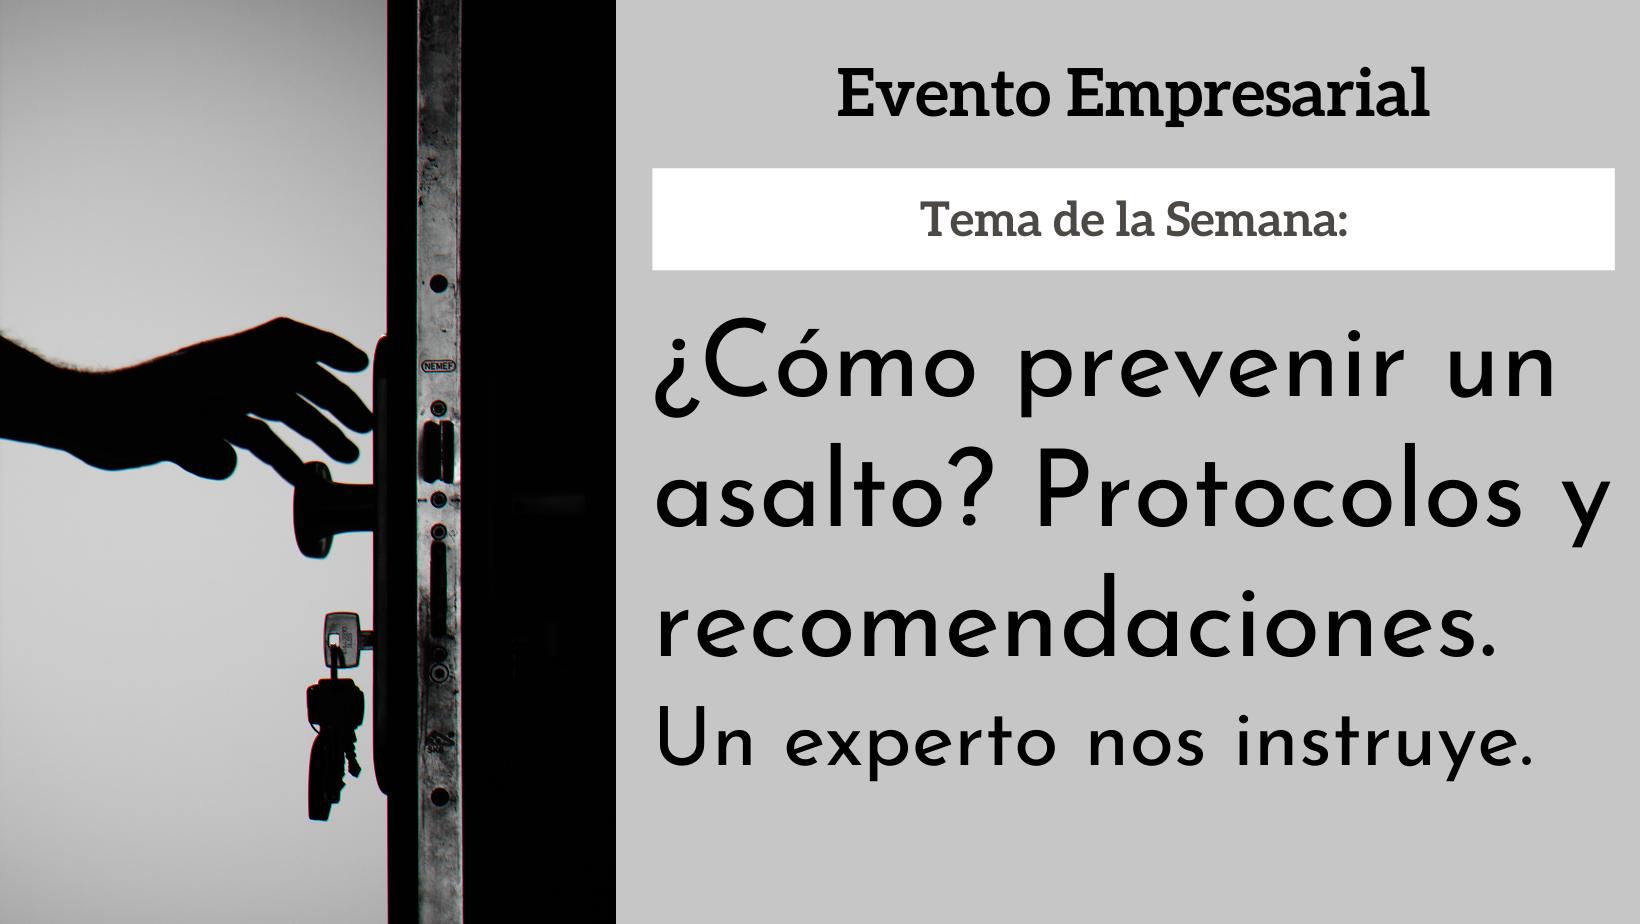 a4df7-como-prevenir-asalto-protocolos-recomendaciones.png